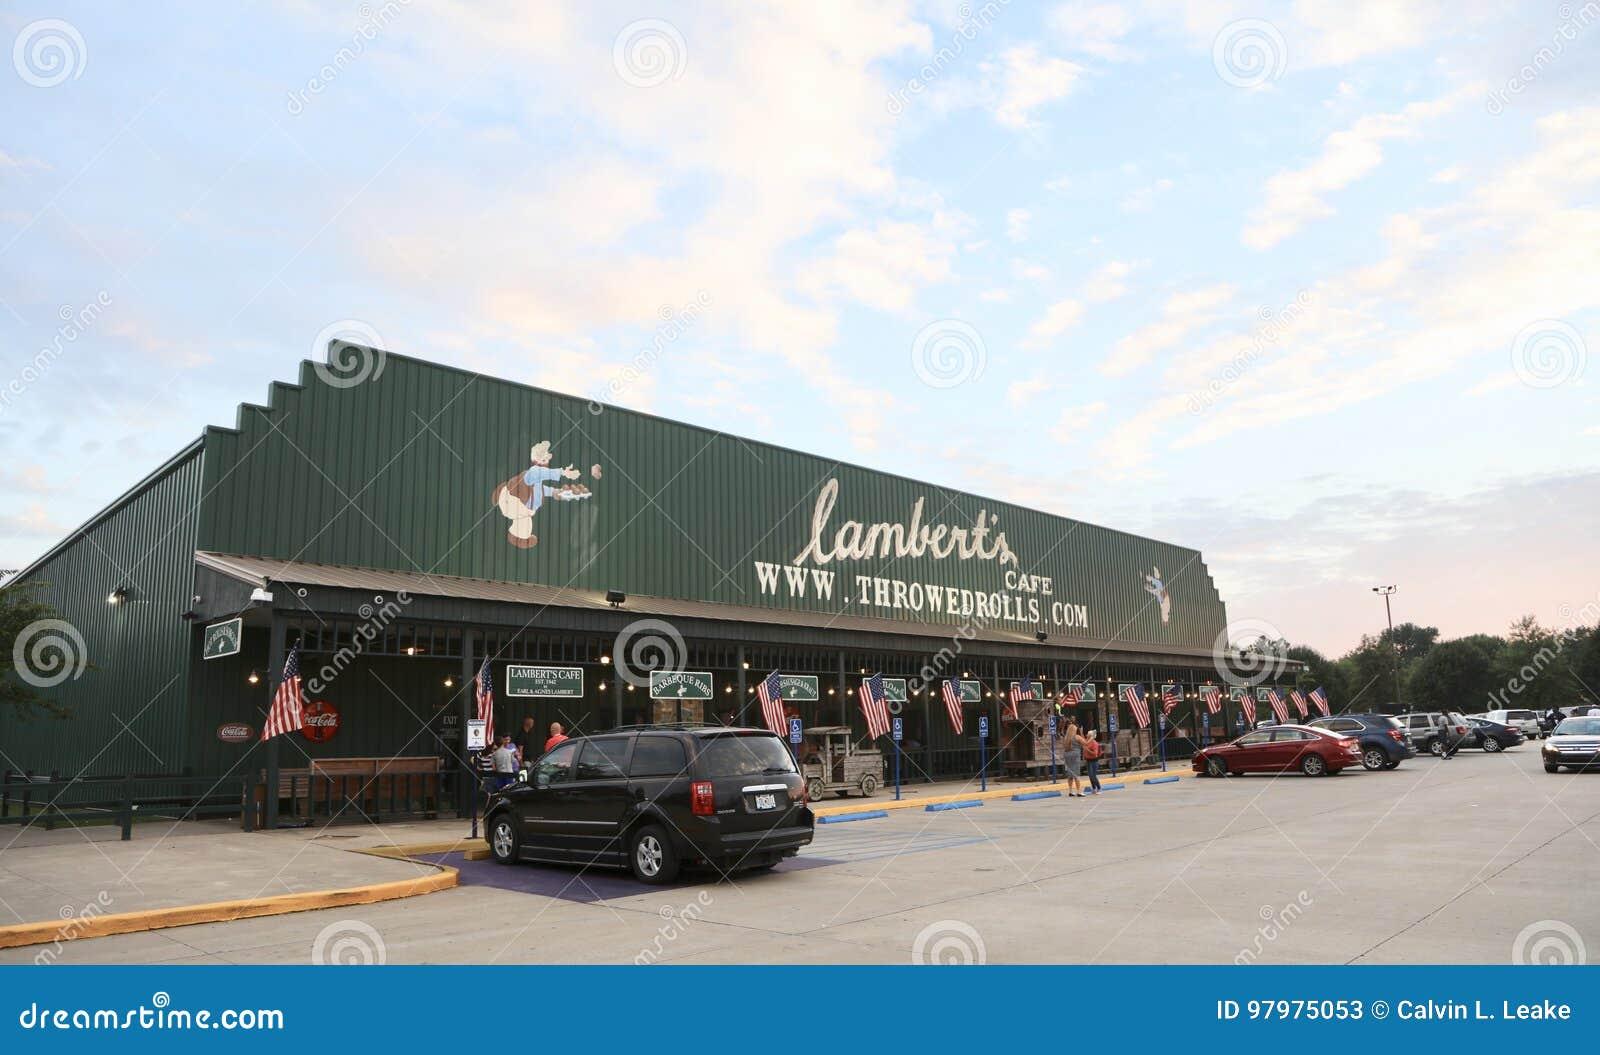 Lambert S Restaurant Missouri Editorial Stock Photo Image Of